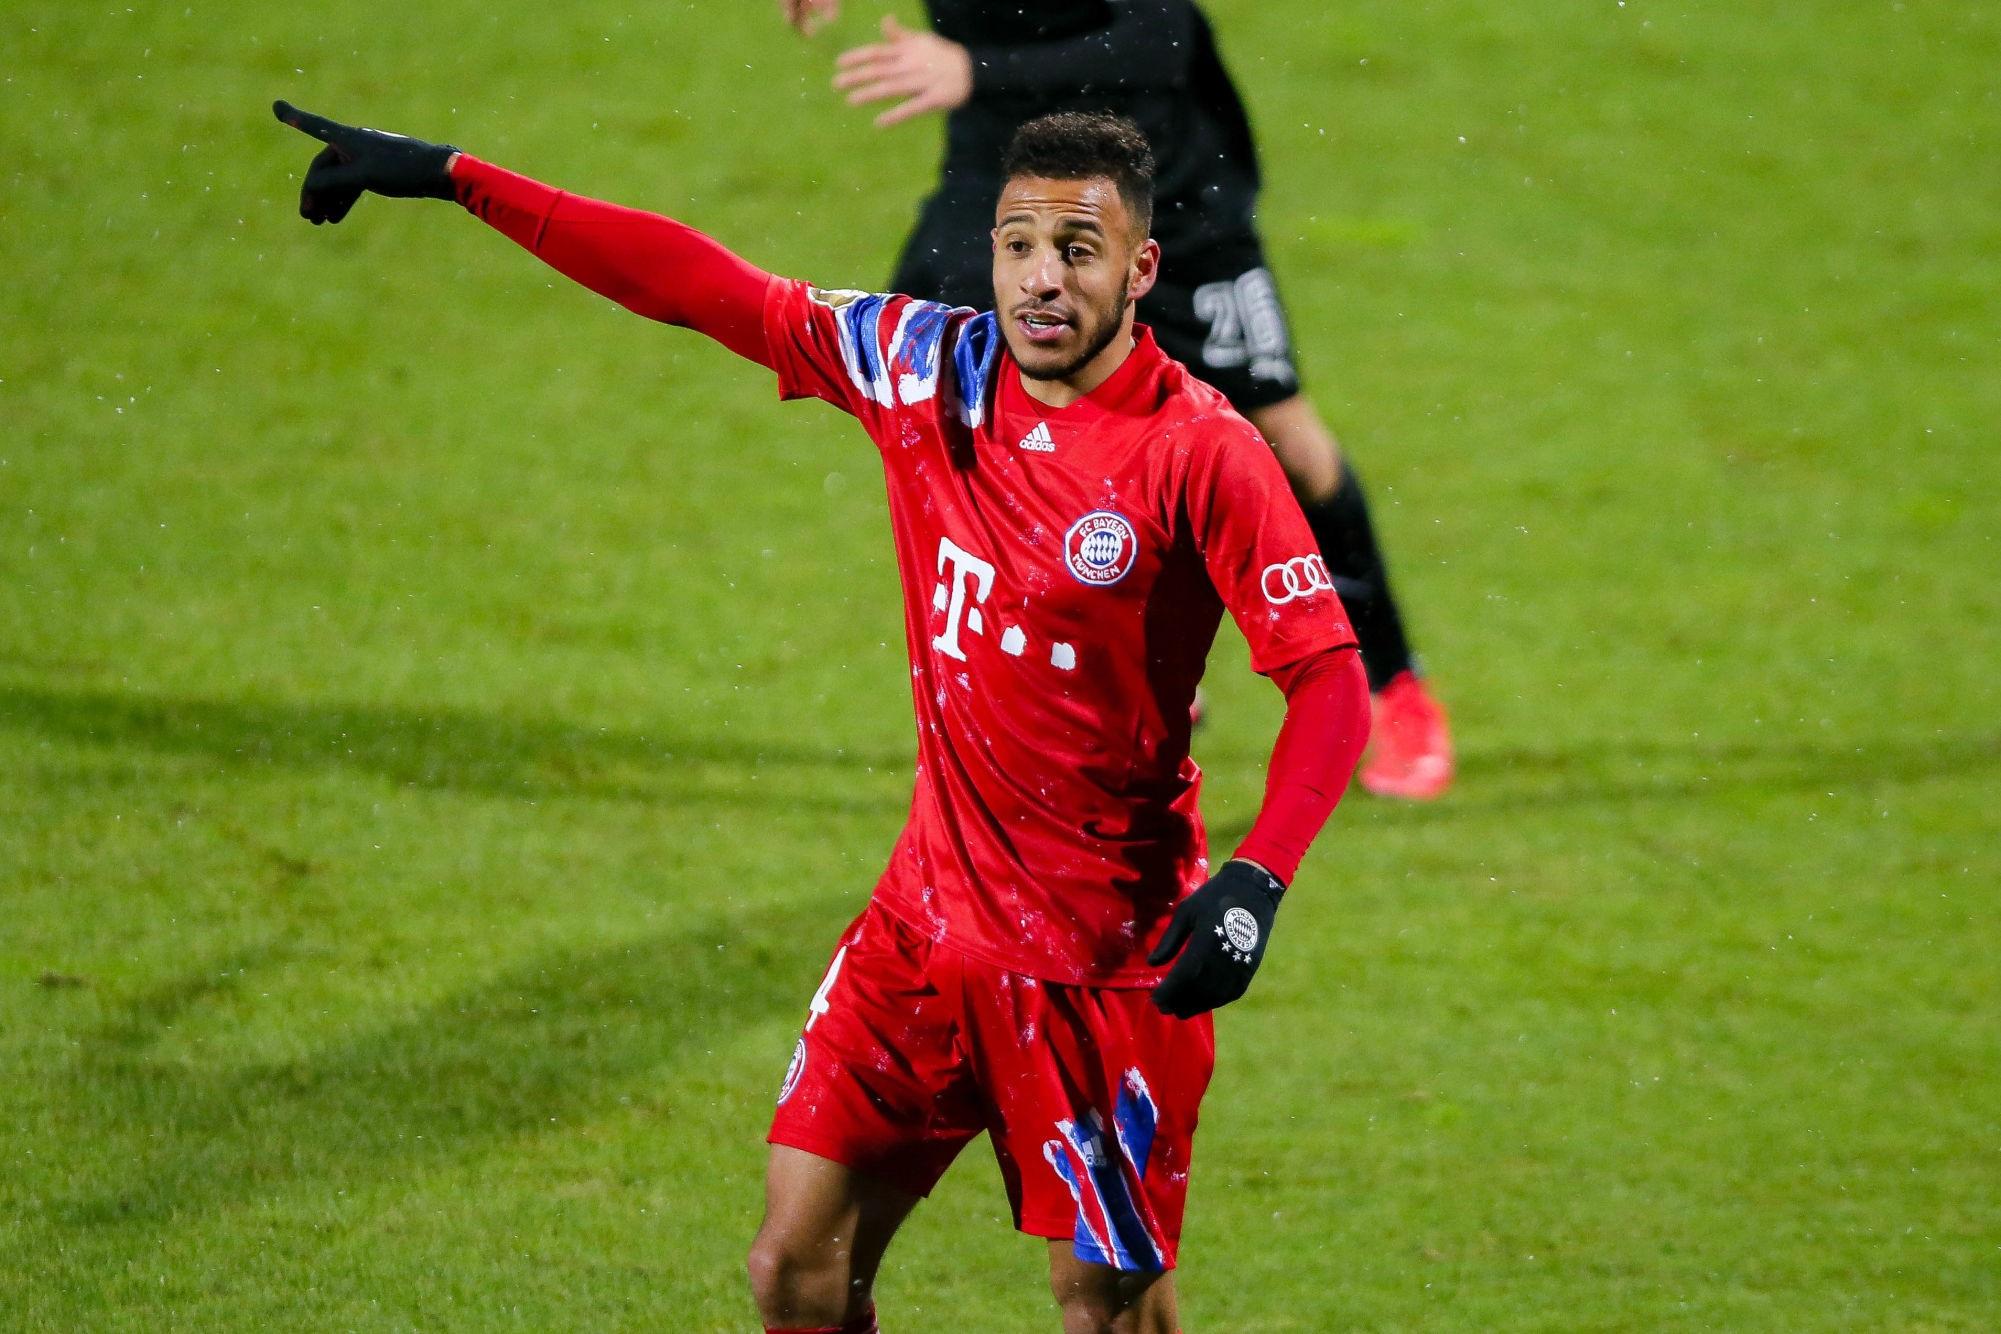 """Tolisso au PSG, Rouyer est fan de ce transfert """"il a toutes les qualités"""""""